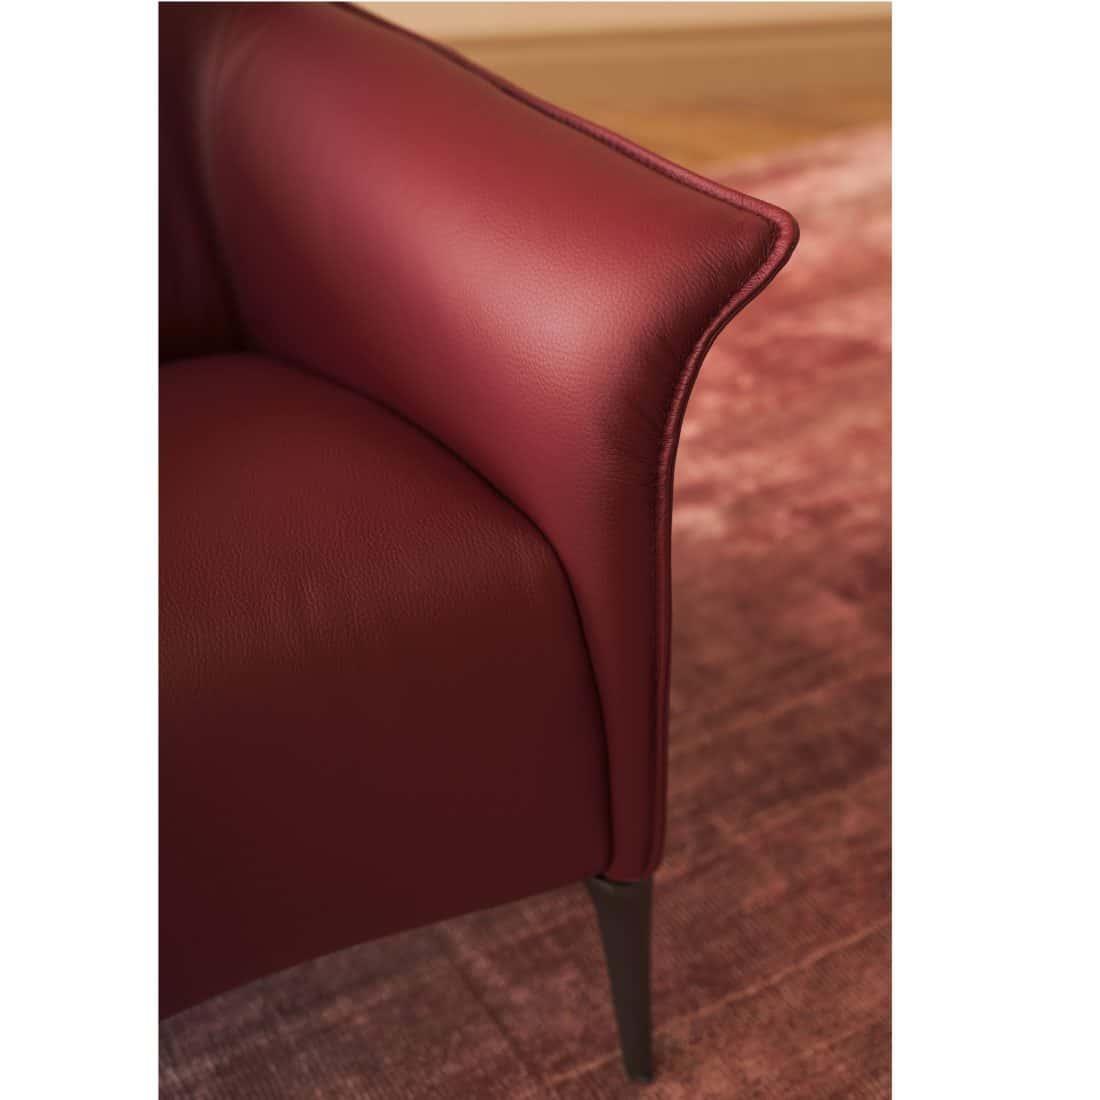 Leolux Mayuro Fabric Red 0001 2 Scaled